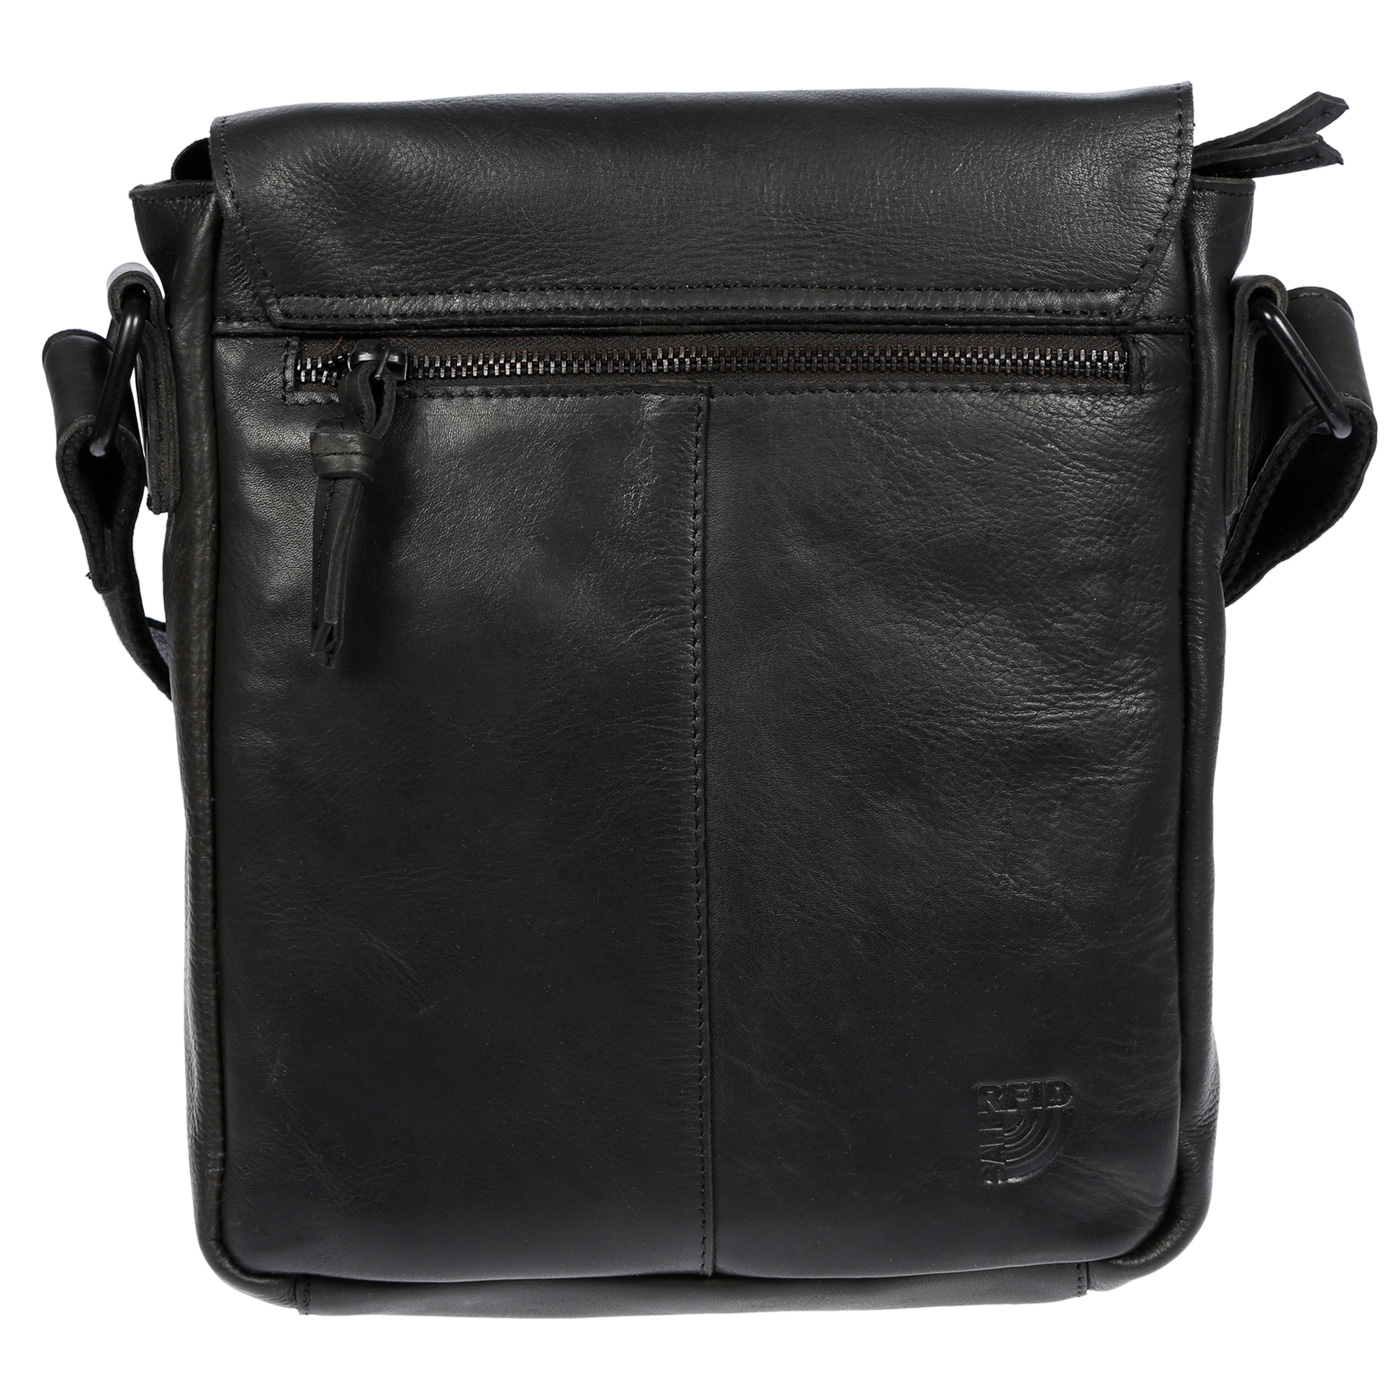 Echt-Leder-Herren-Damen-Umhaengetasche-Tasche-RFID-Schutz-Schultertasche-Umhaenger Indexbild 17